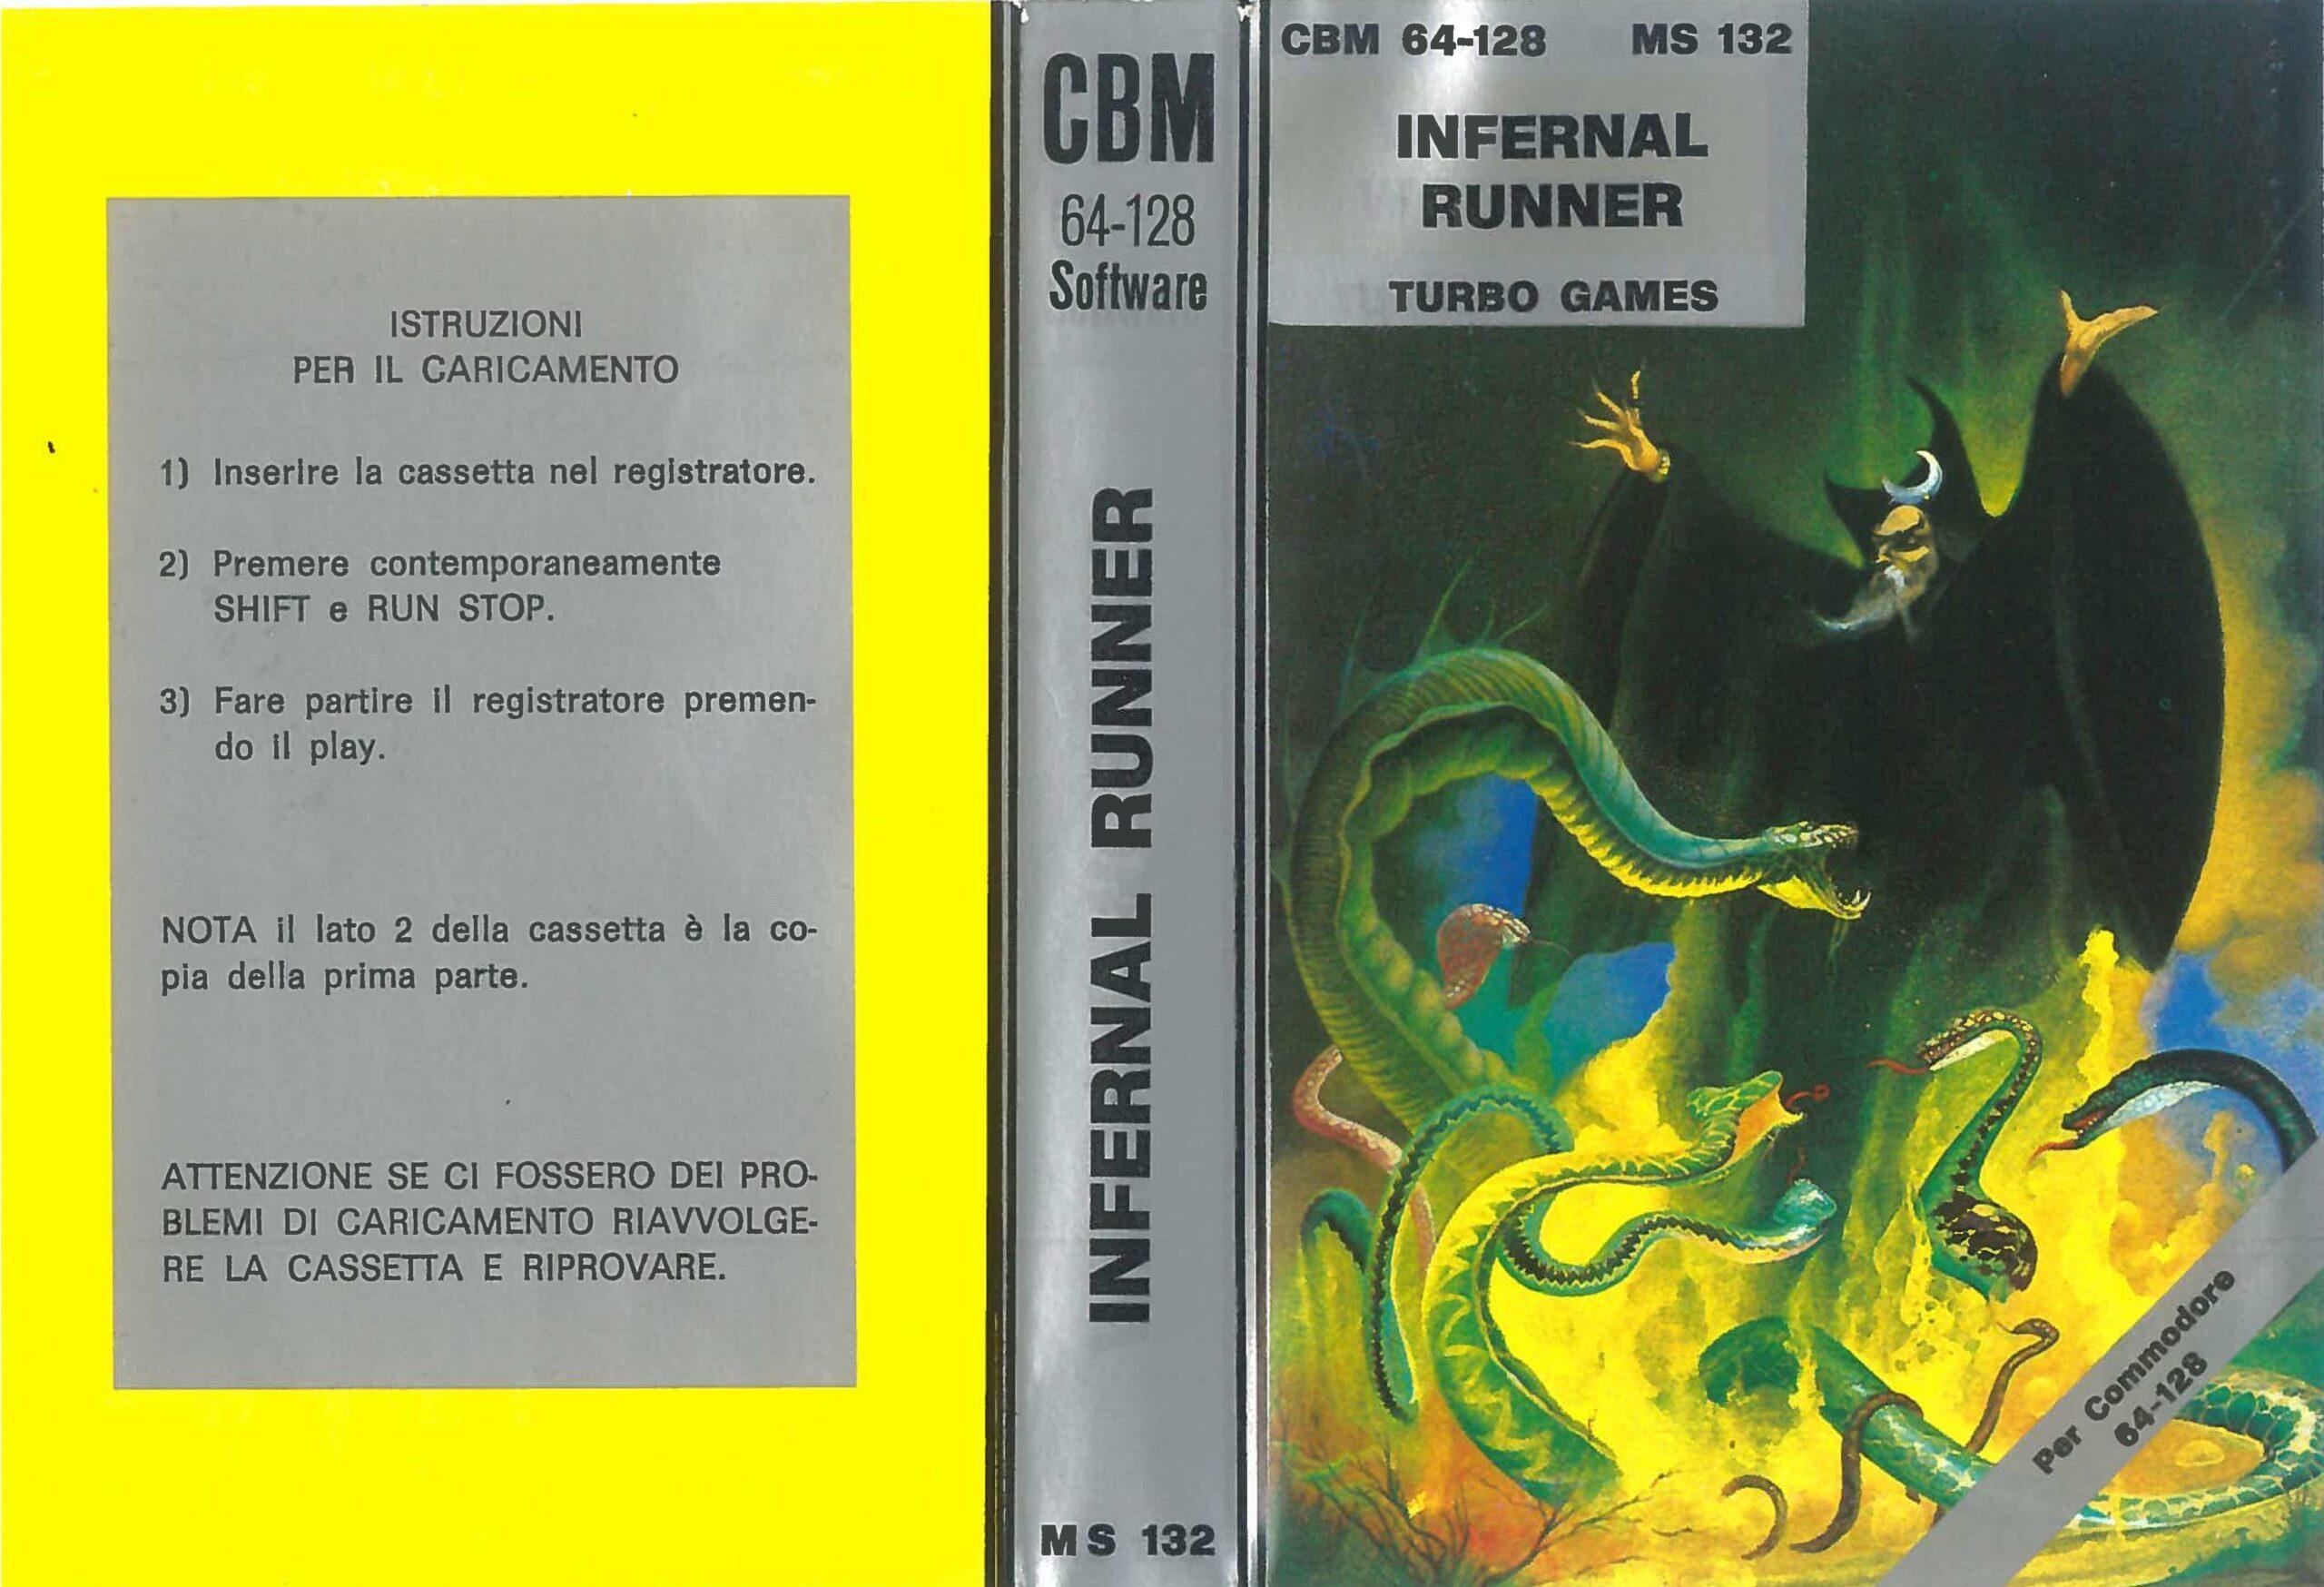 INFERNAL RUNNER MS 132